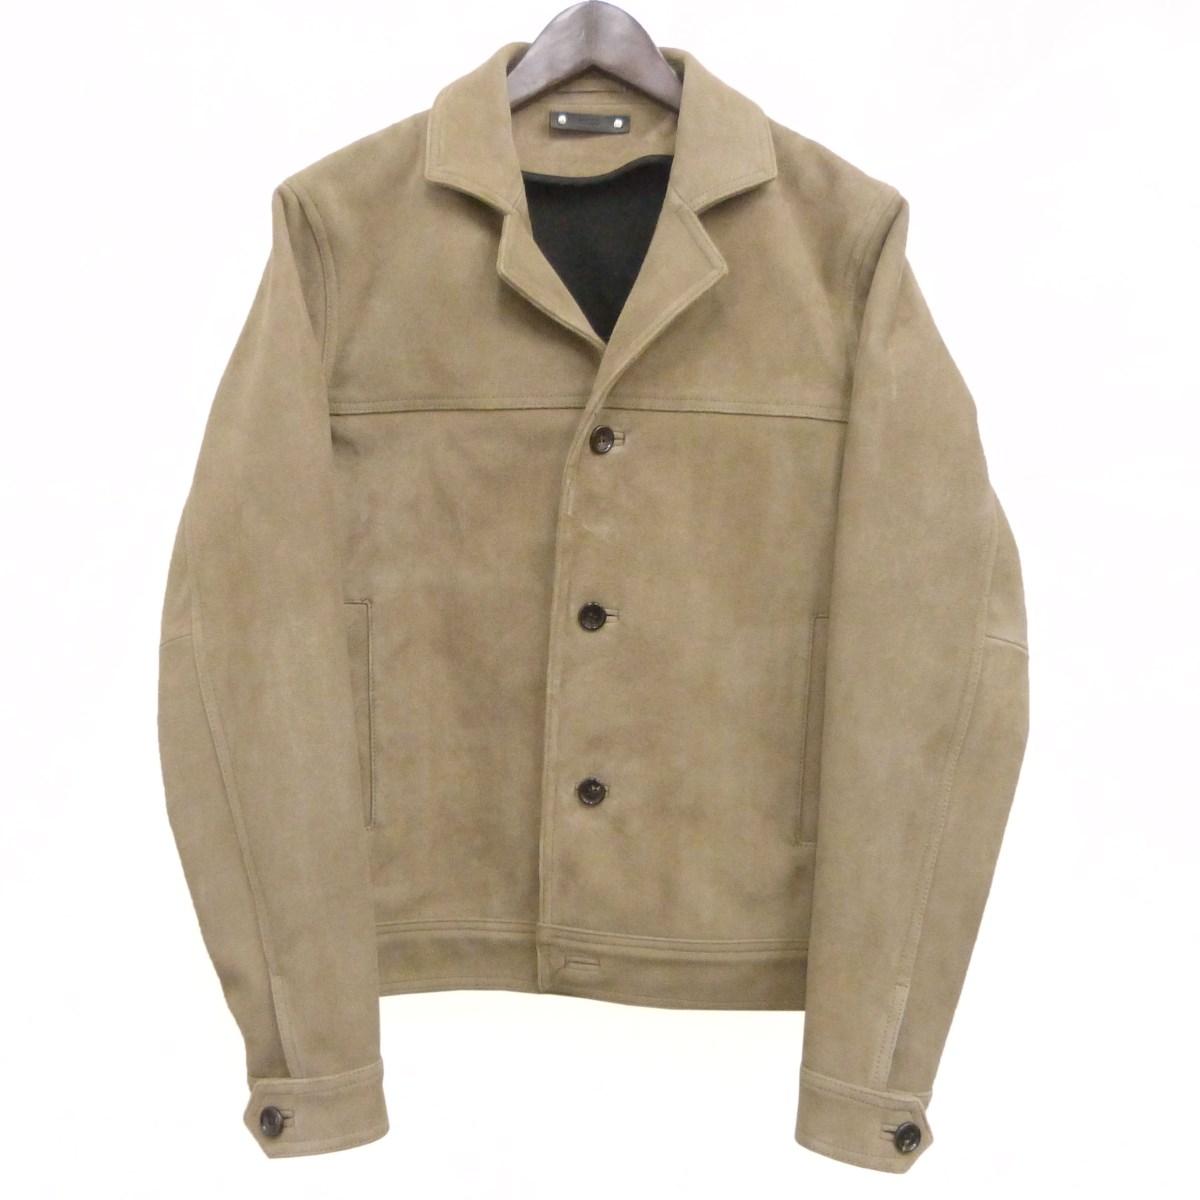 【中古】MINEDENIM 「Suede Leather 4B JKT」スウェードジャケット ベージュ サイズ:2 【190420】(マインデニム)